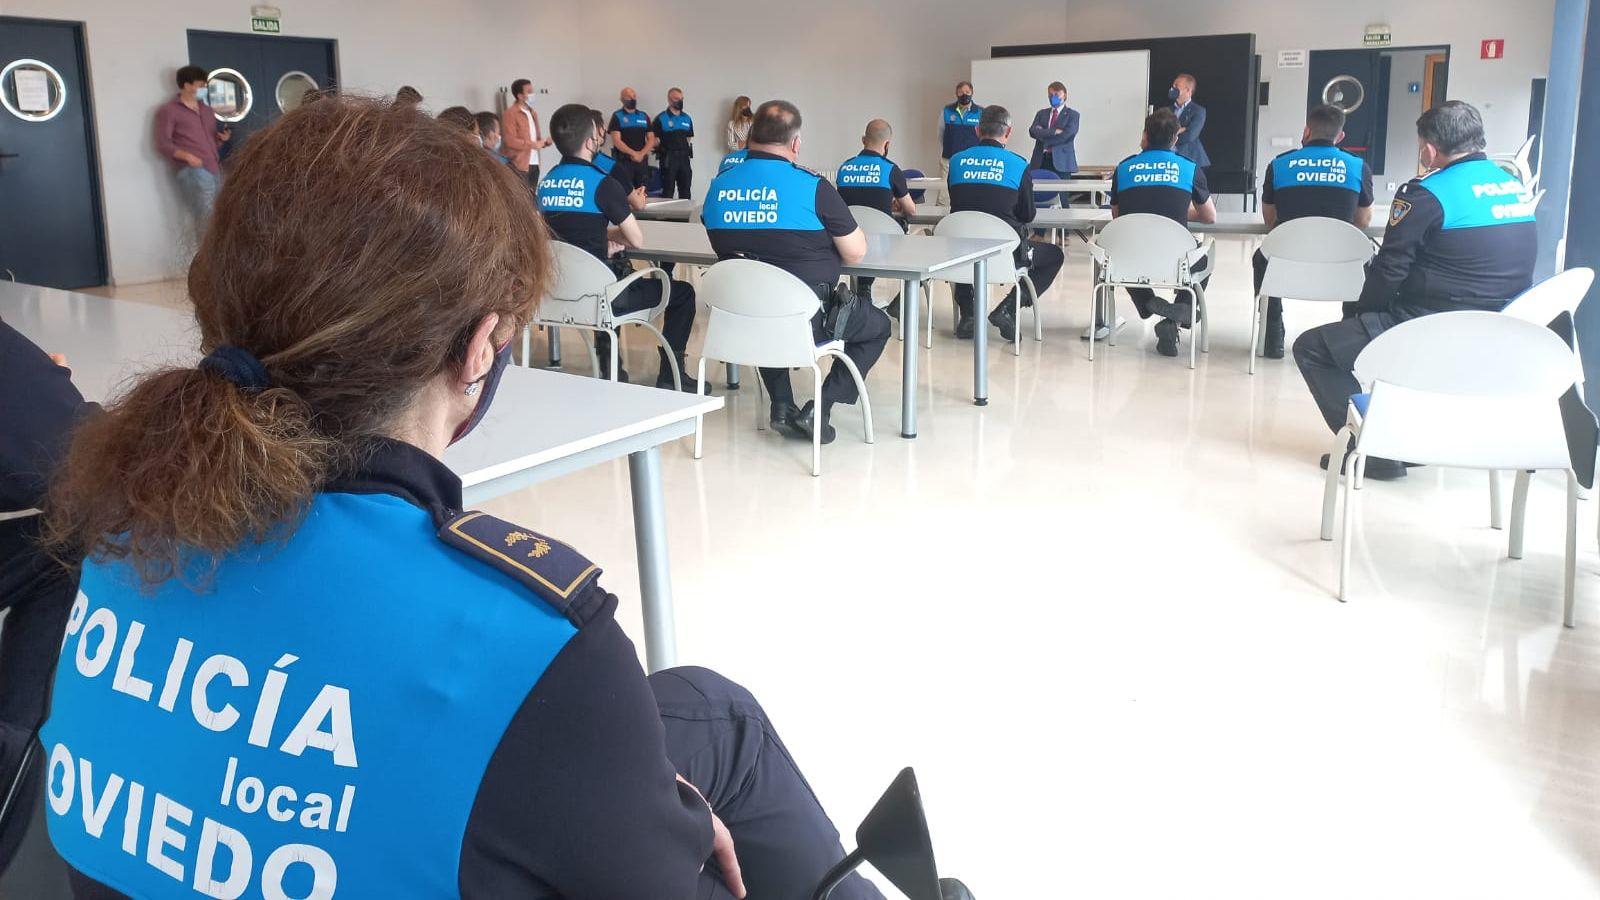 El Grupo de Intervención Rápida de la Policía Local inicia hoy una nueva formación sobre técnicas de actuación